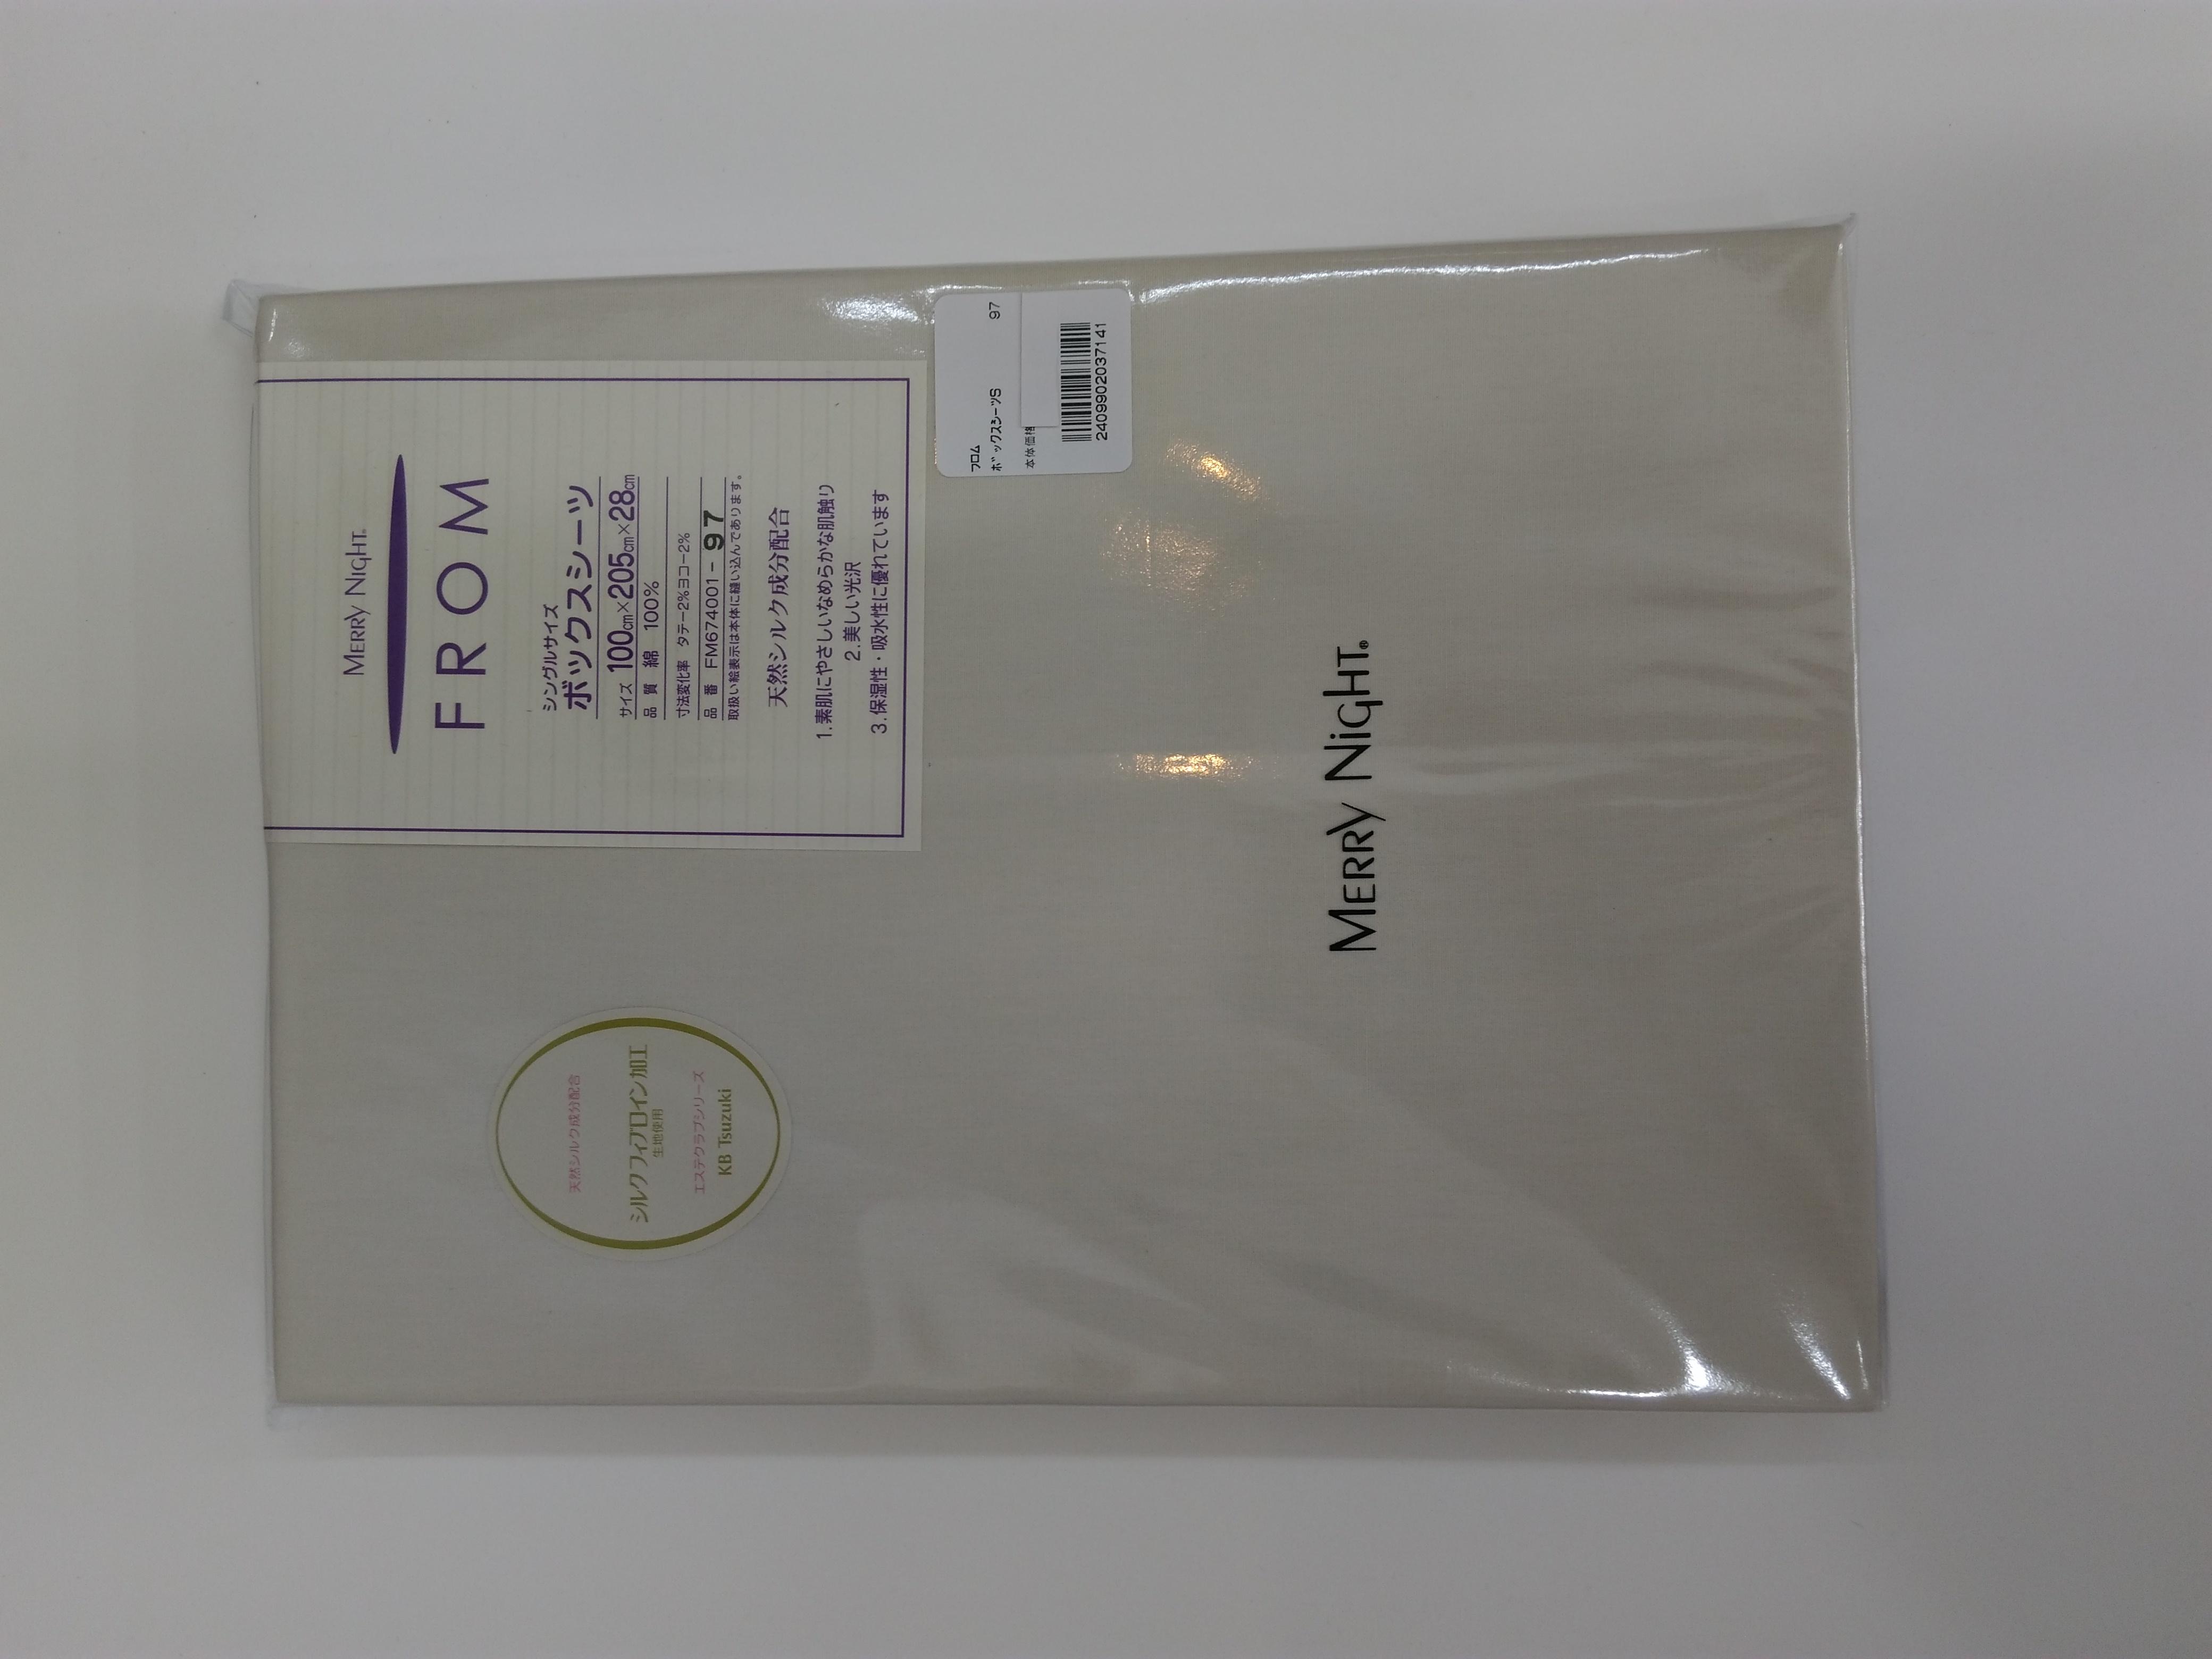 メリーナイト FROM フロムコレクション ボックスシーツ シングルサイズ 100X205X28cm バニラ